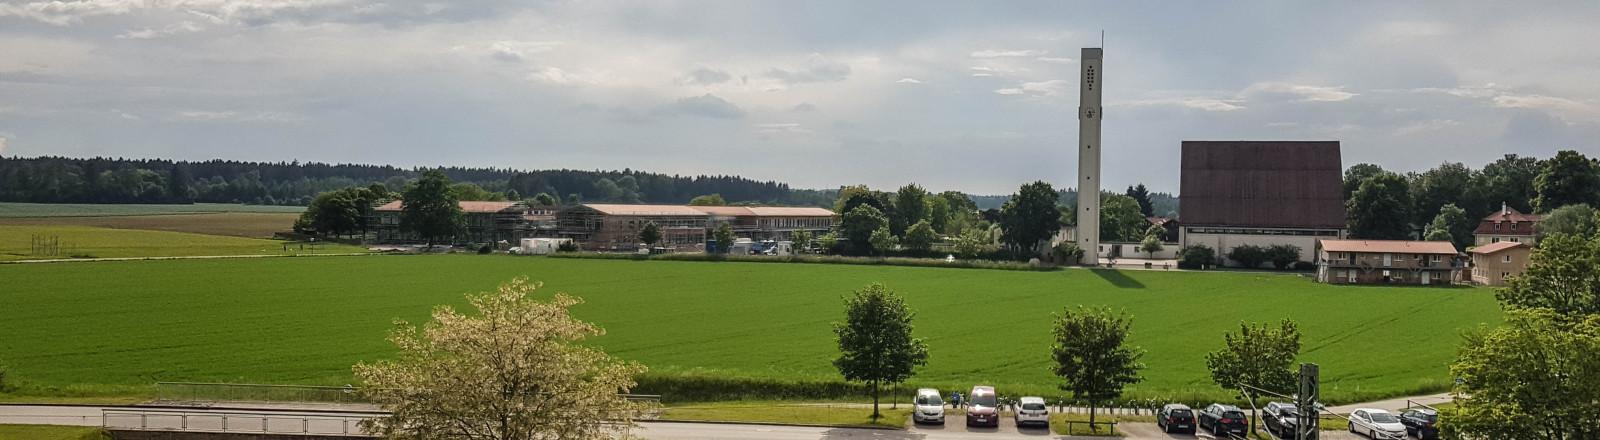 Schulcampus Deisenhofen